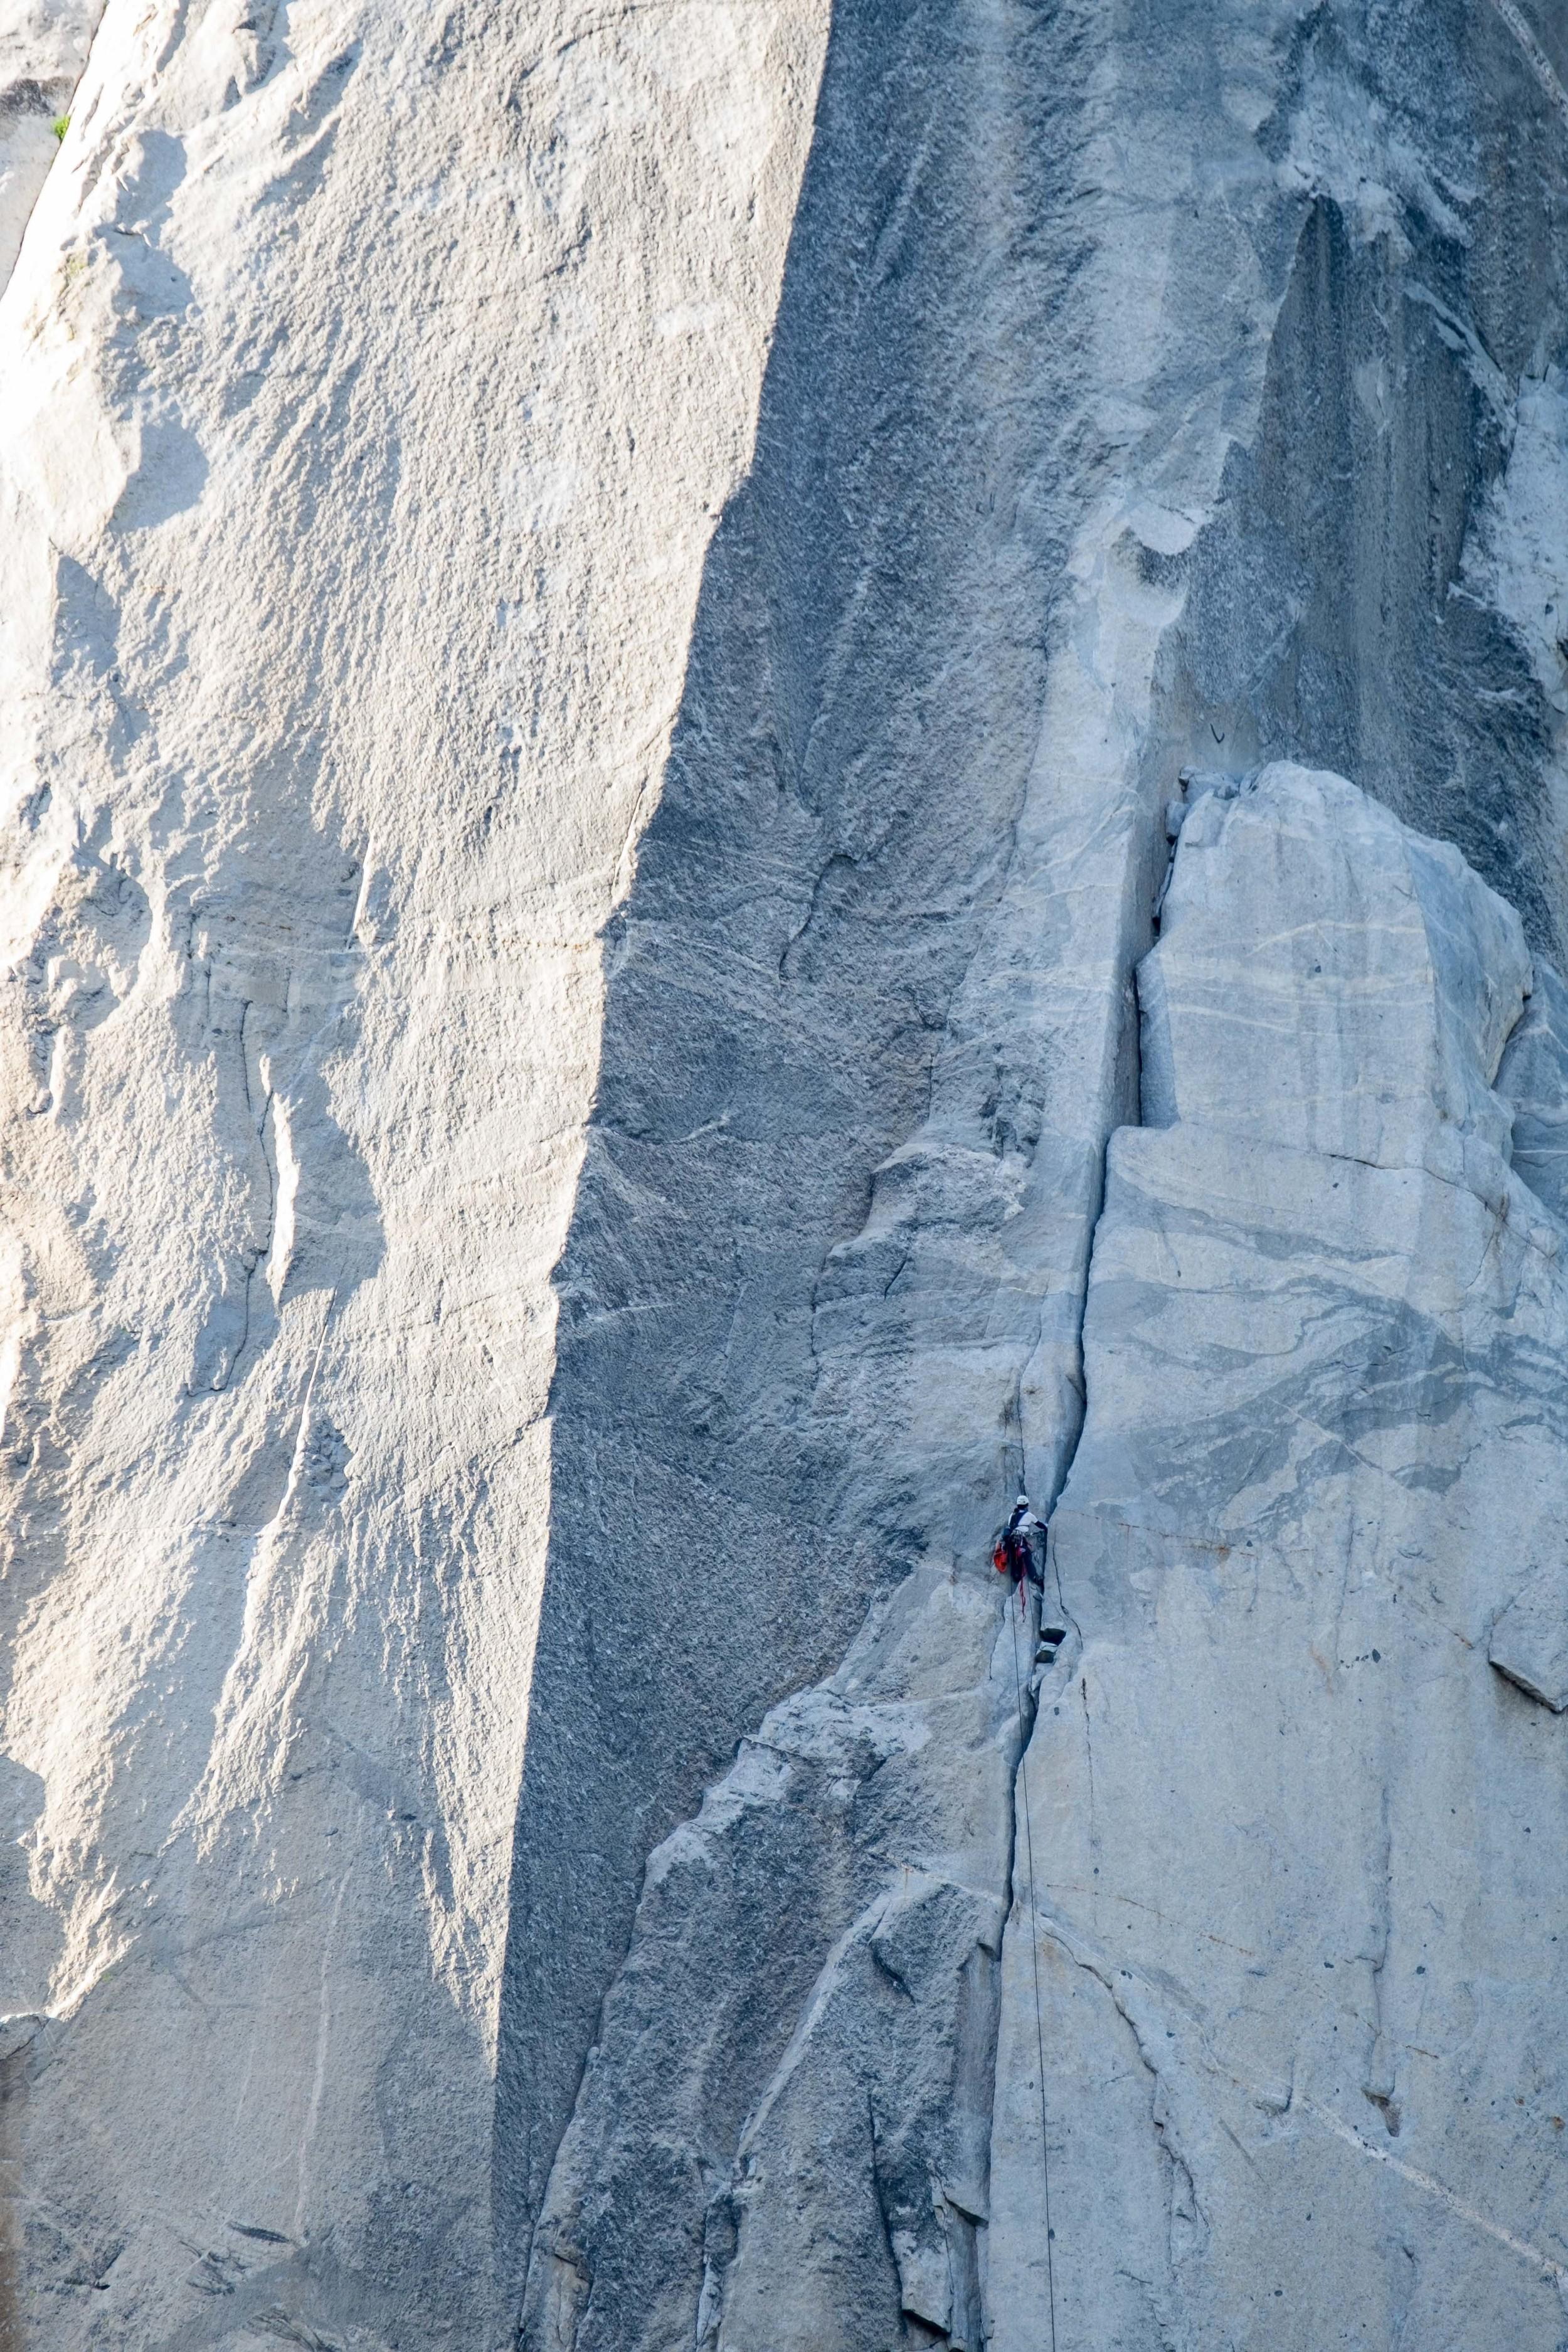 A climber on the Nose of El Cap.